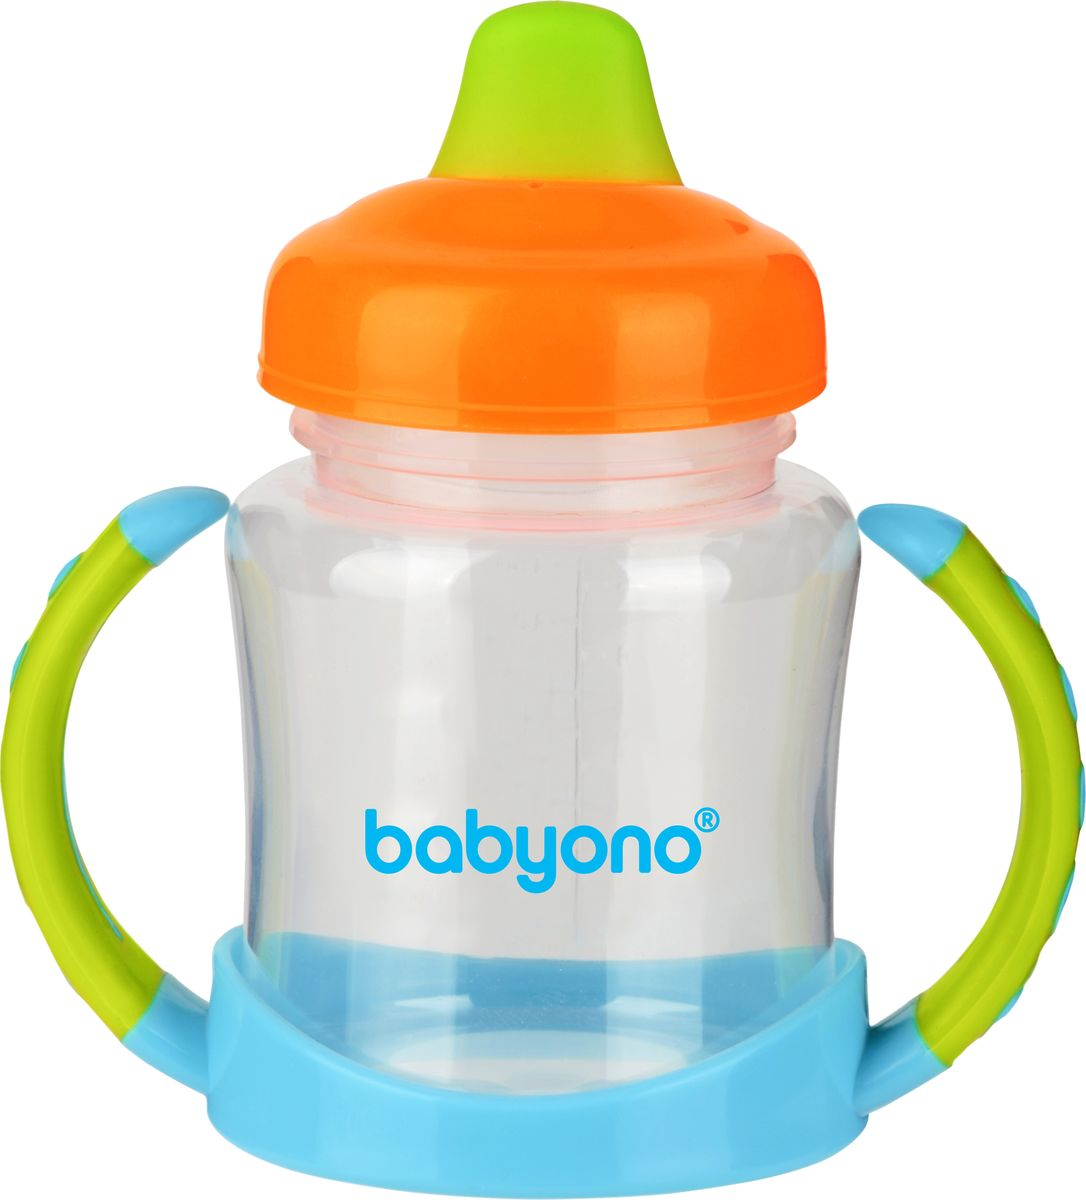 BabyOno Поильник-непроливайка от 6 месяцев цвет оранжевый зеленый 180 мл